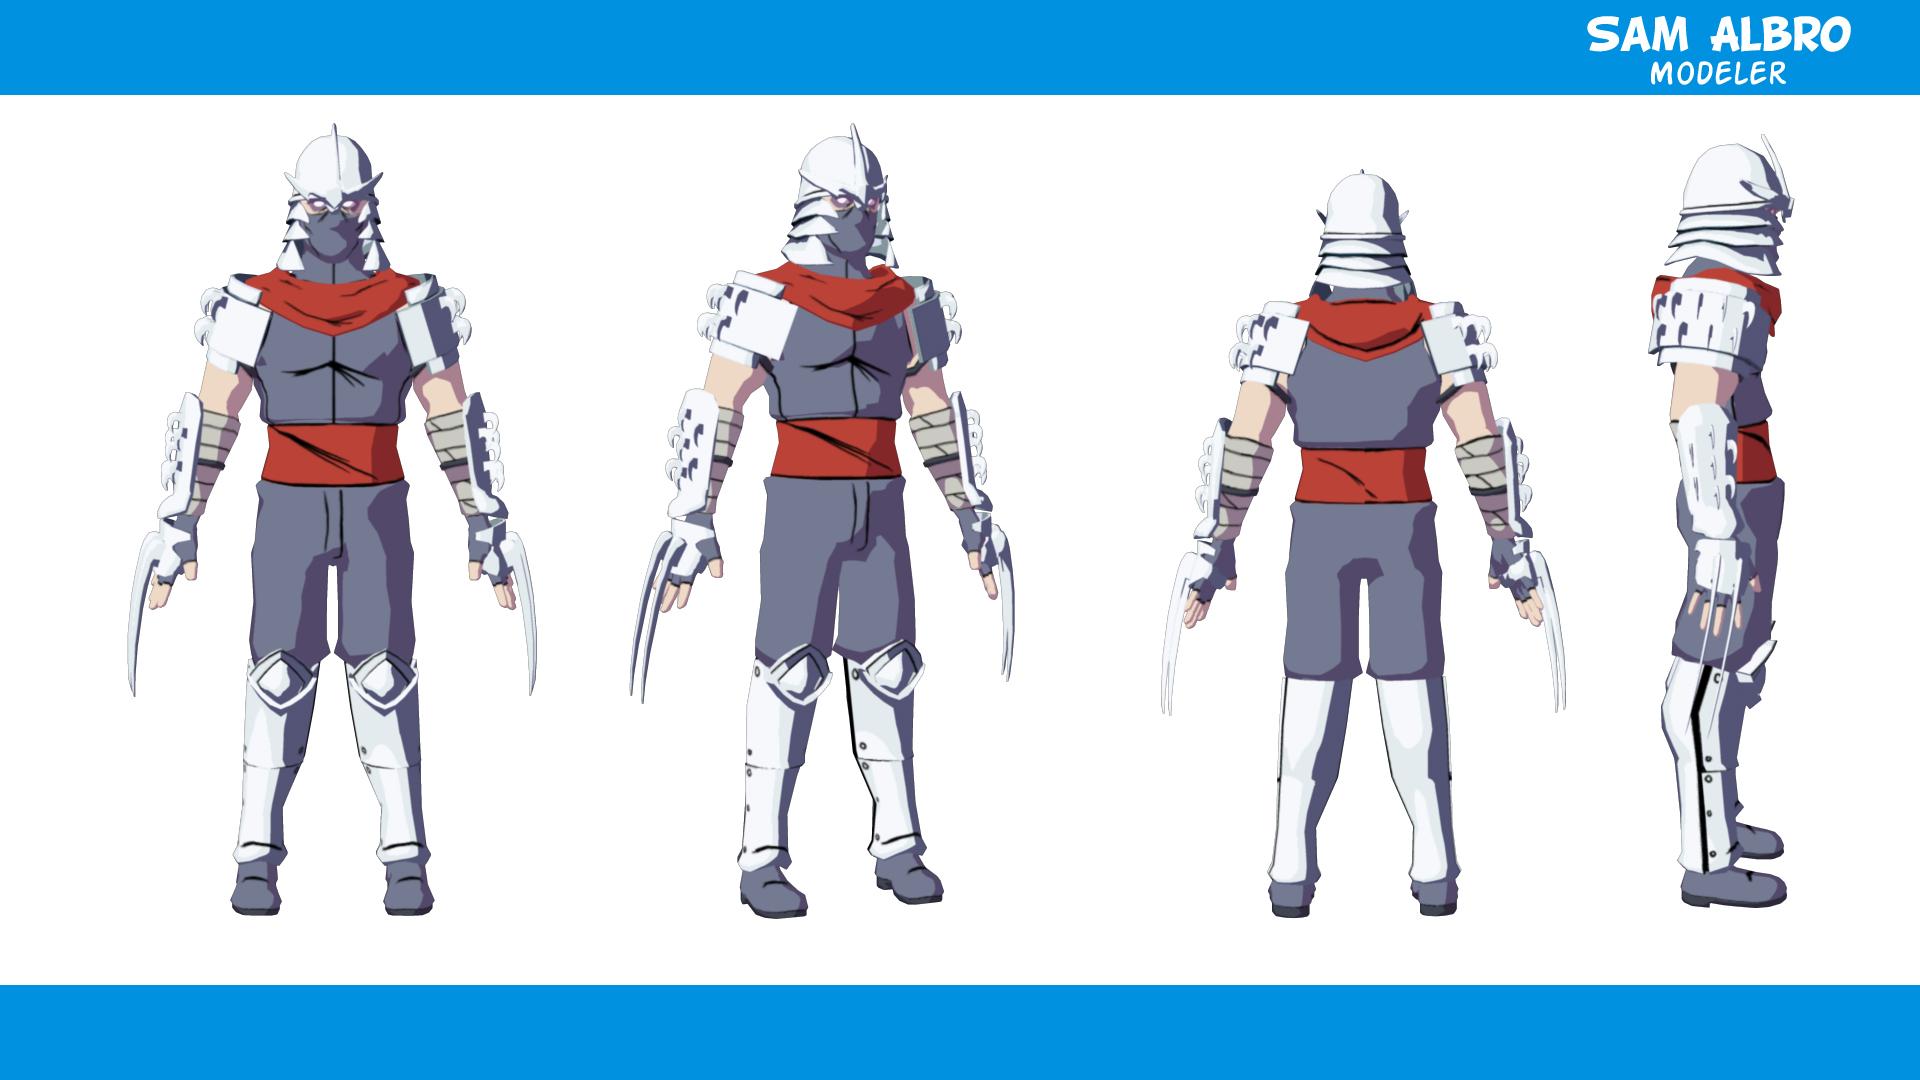 Shredder model